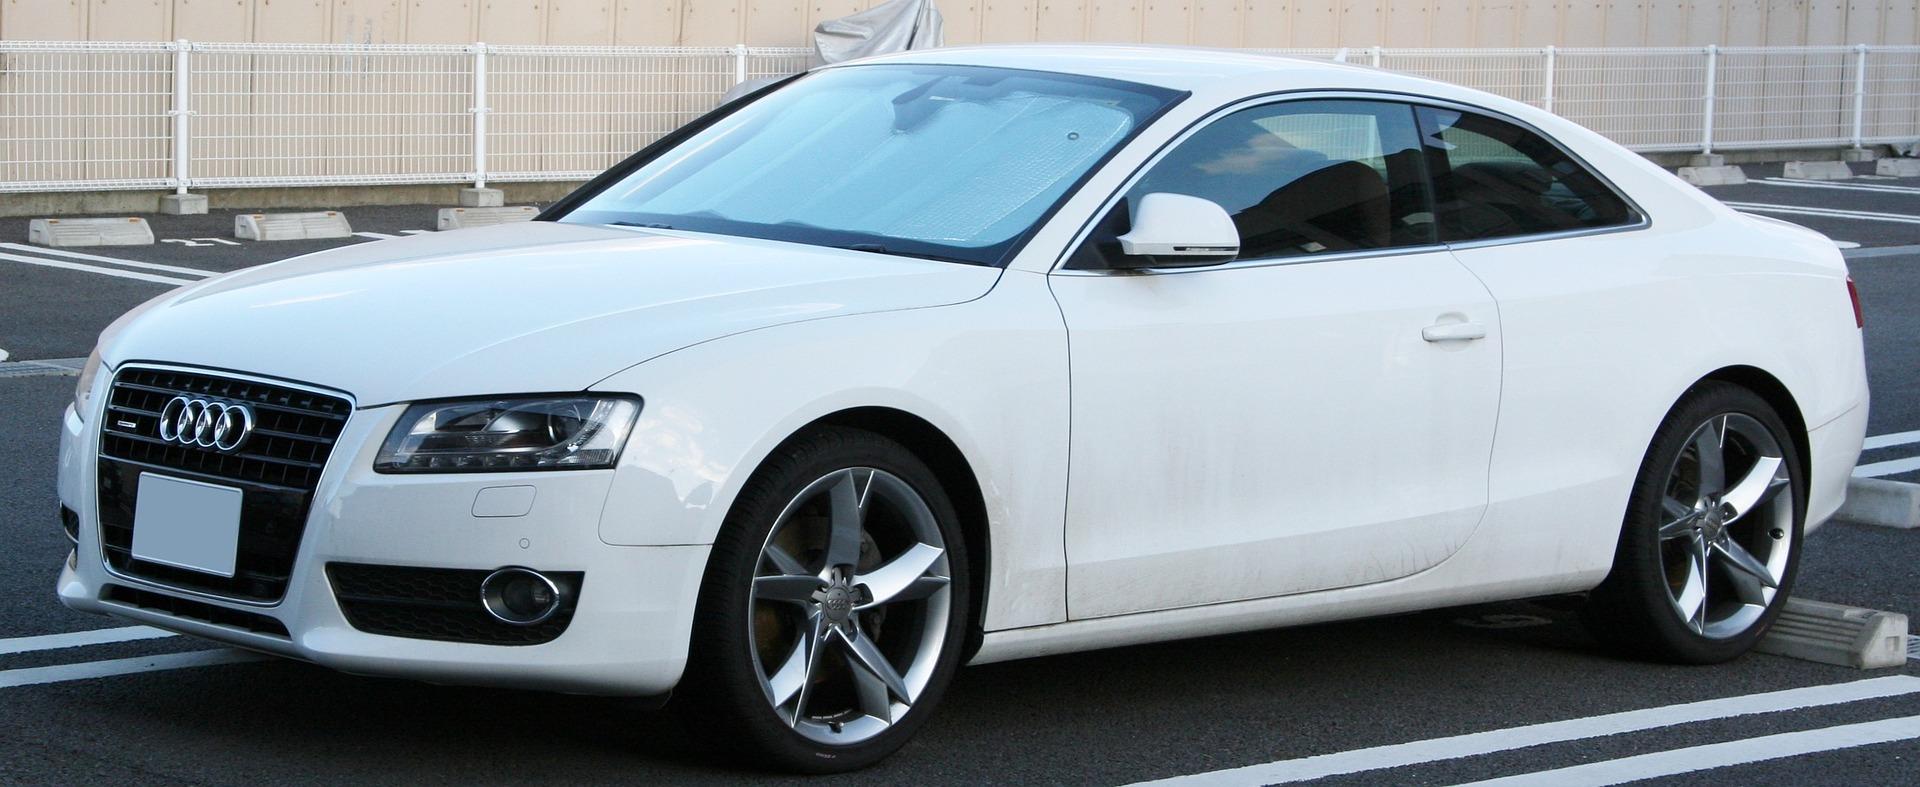 Lån til udbetalingen på en ny bil